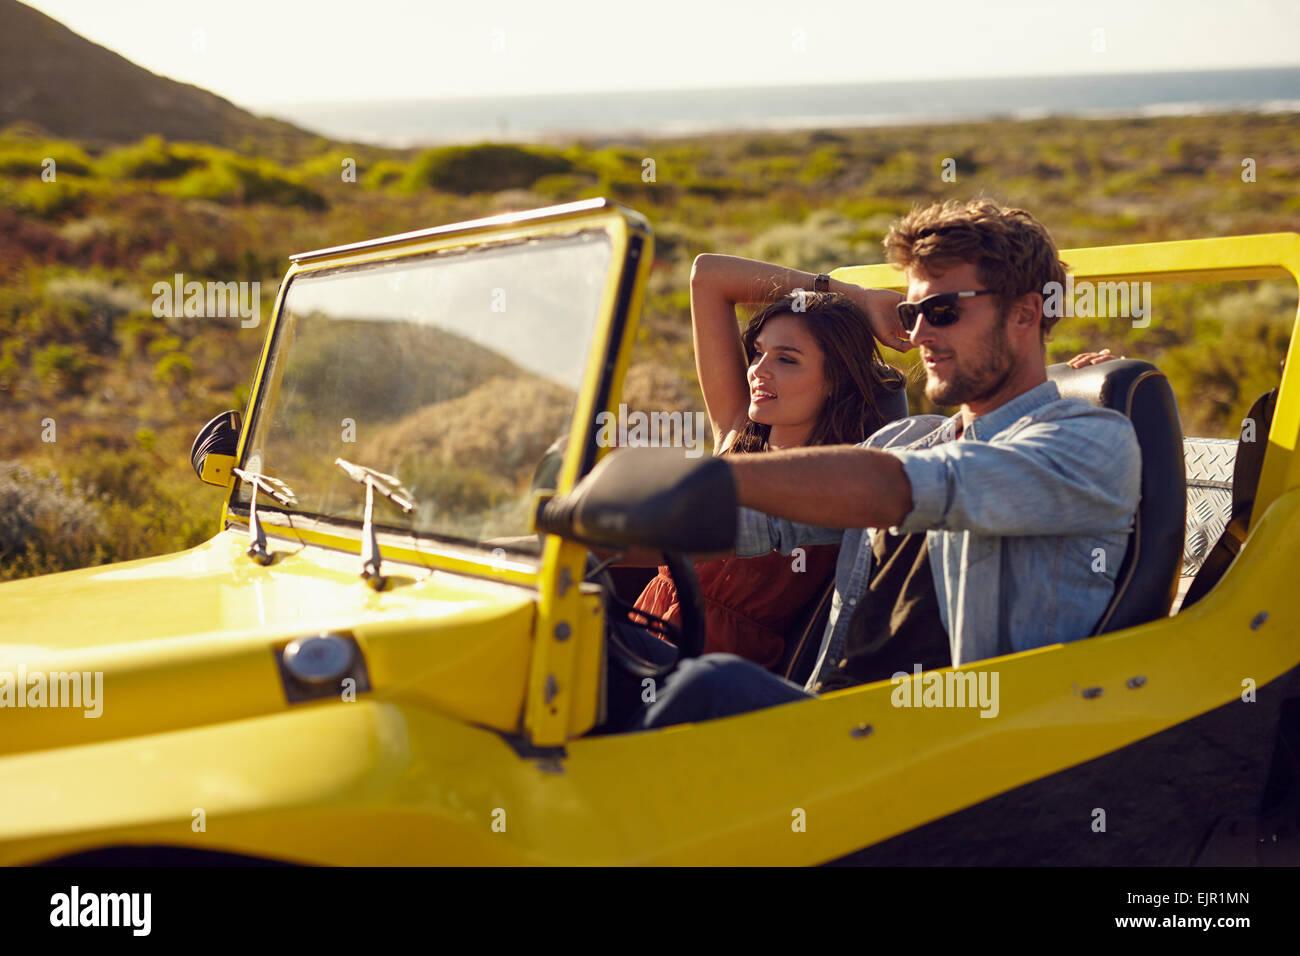 Junges Paar fahren ihr Auto auf einem Roadtrip. Hübscher junger Mann mit seiner Freundin im Urlaub. Paar auf Stockbild